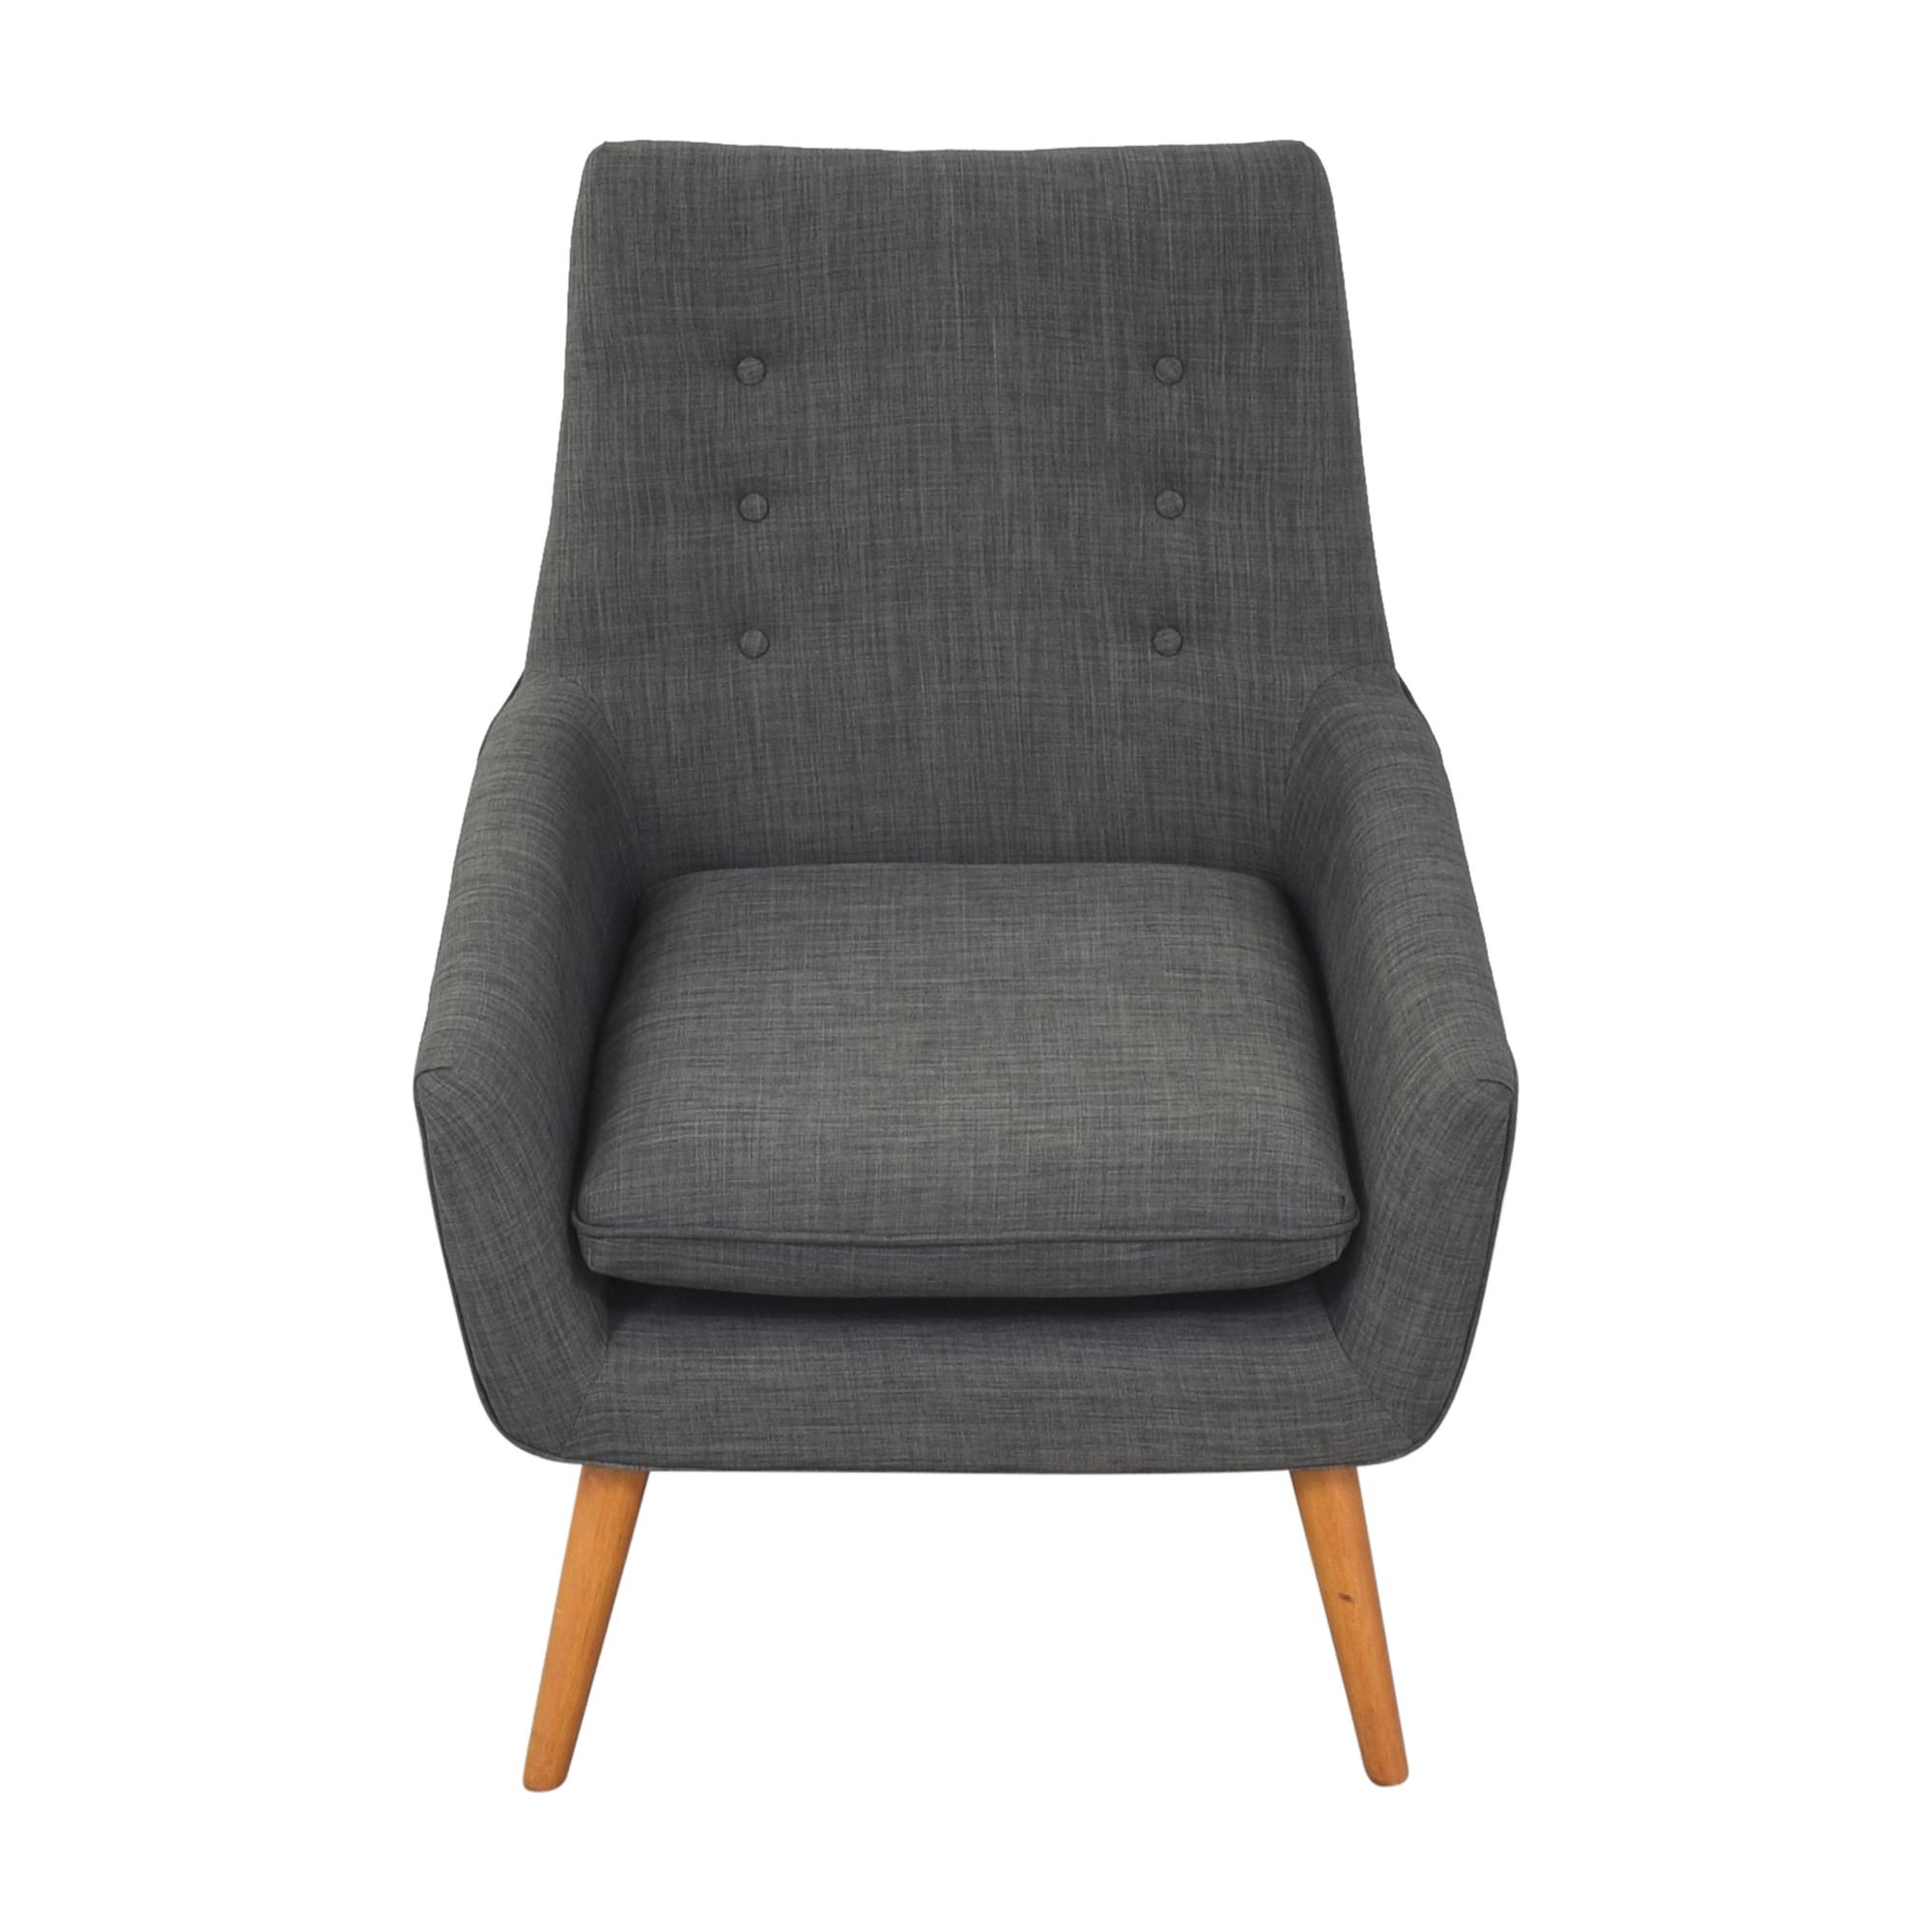 Adesso Adesso Modern Accent Chair price